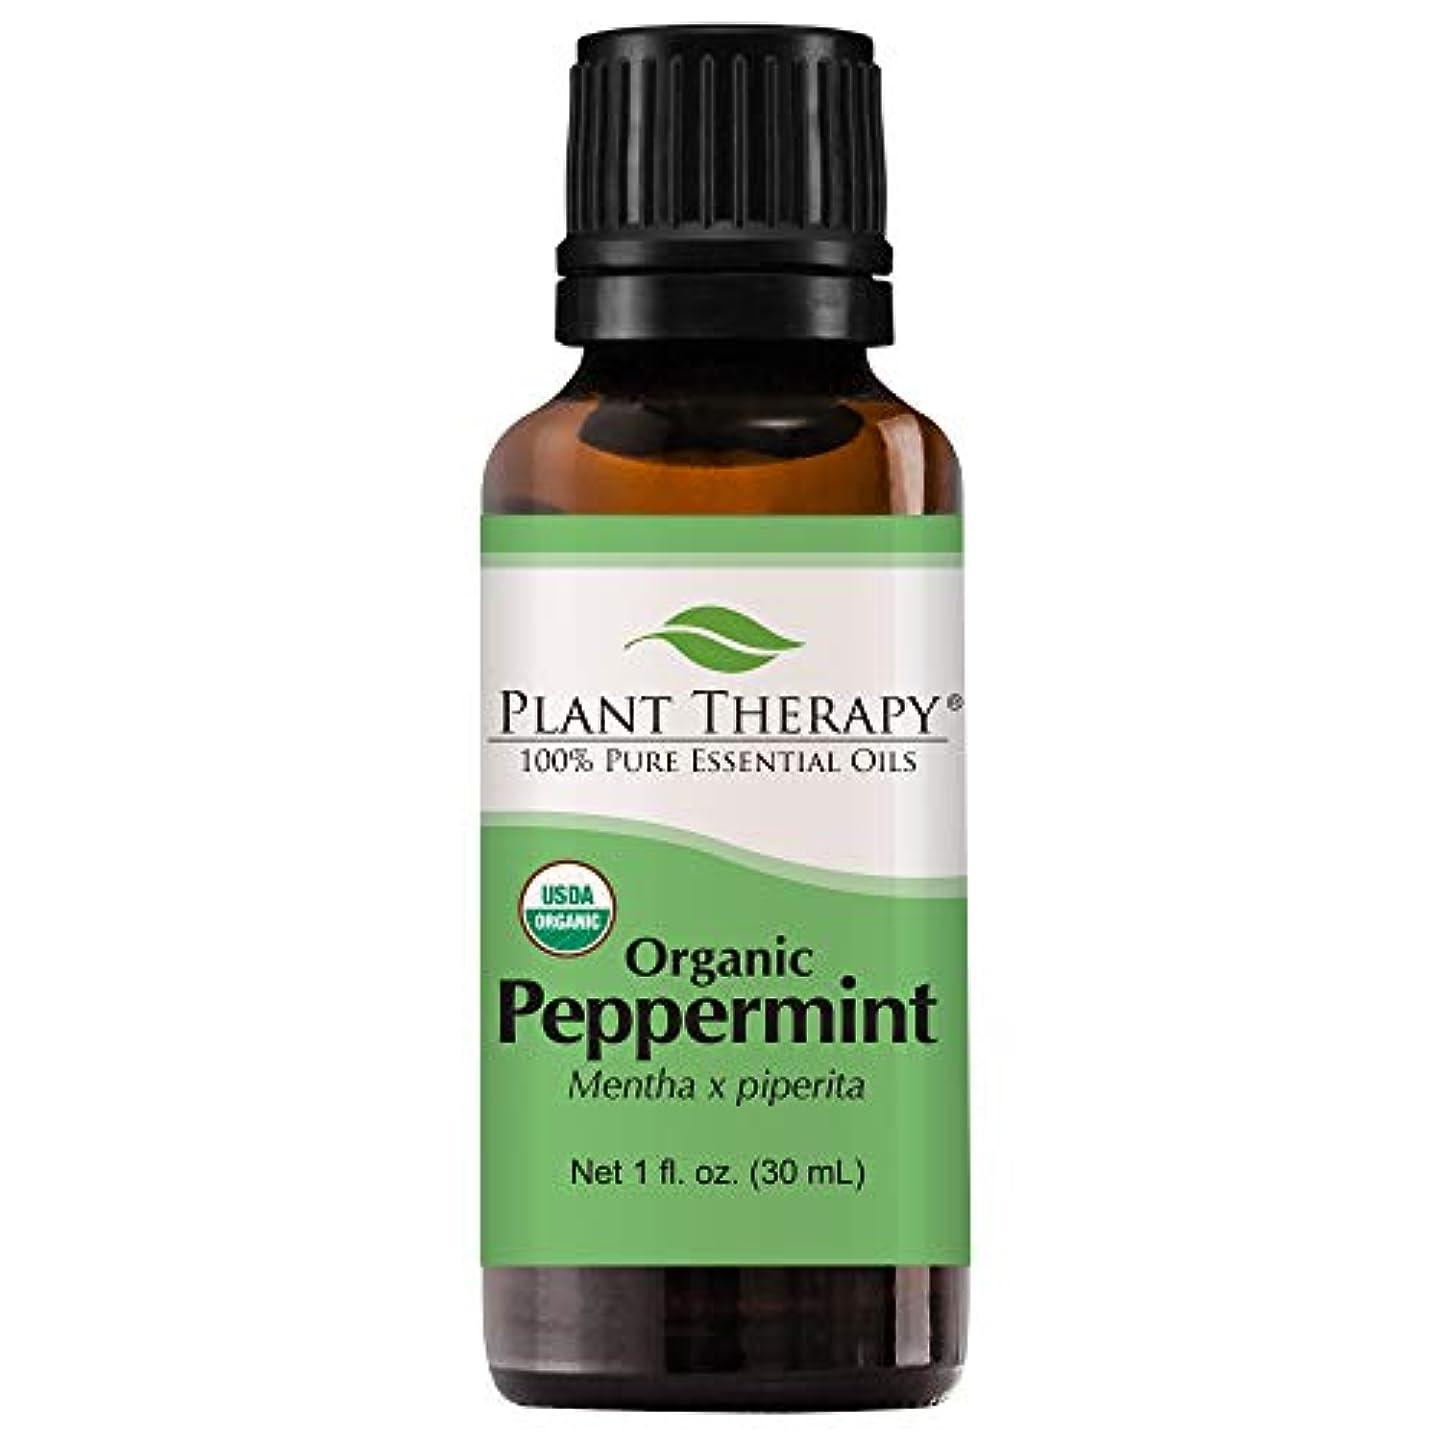 フォルダトレイル可能植物セラピーUSDA認定オーガニックペパーミントエッセンシャルオイル。 100%ピュア、希釈していない、治療グレード。 30mLの(1オンス)。